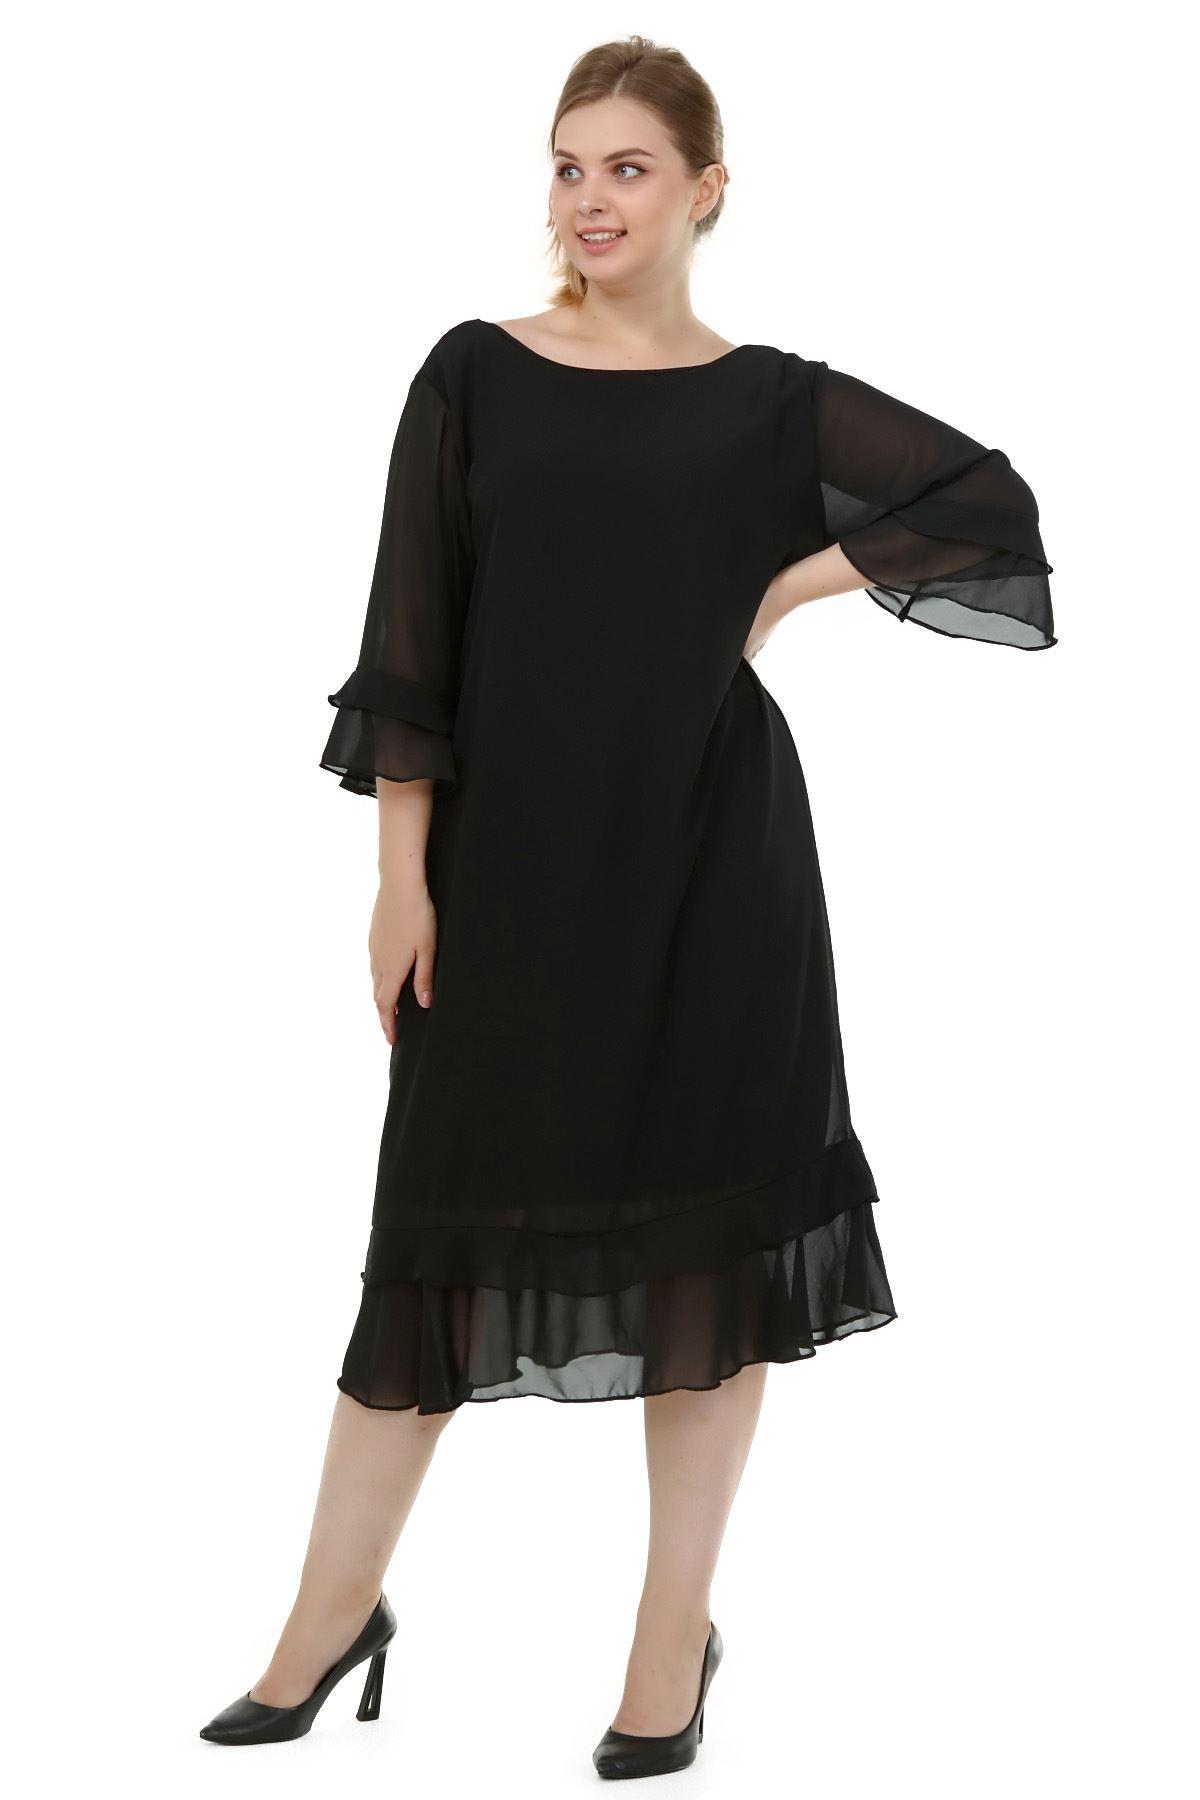 Büyük Beden Şifon Elbise 11C-1830